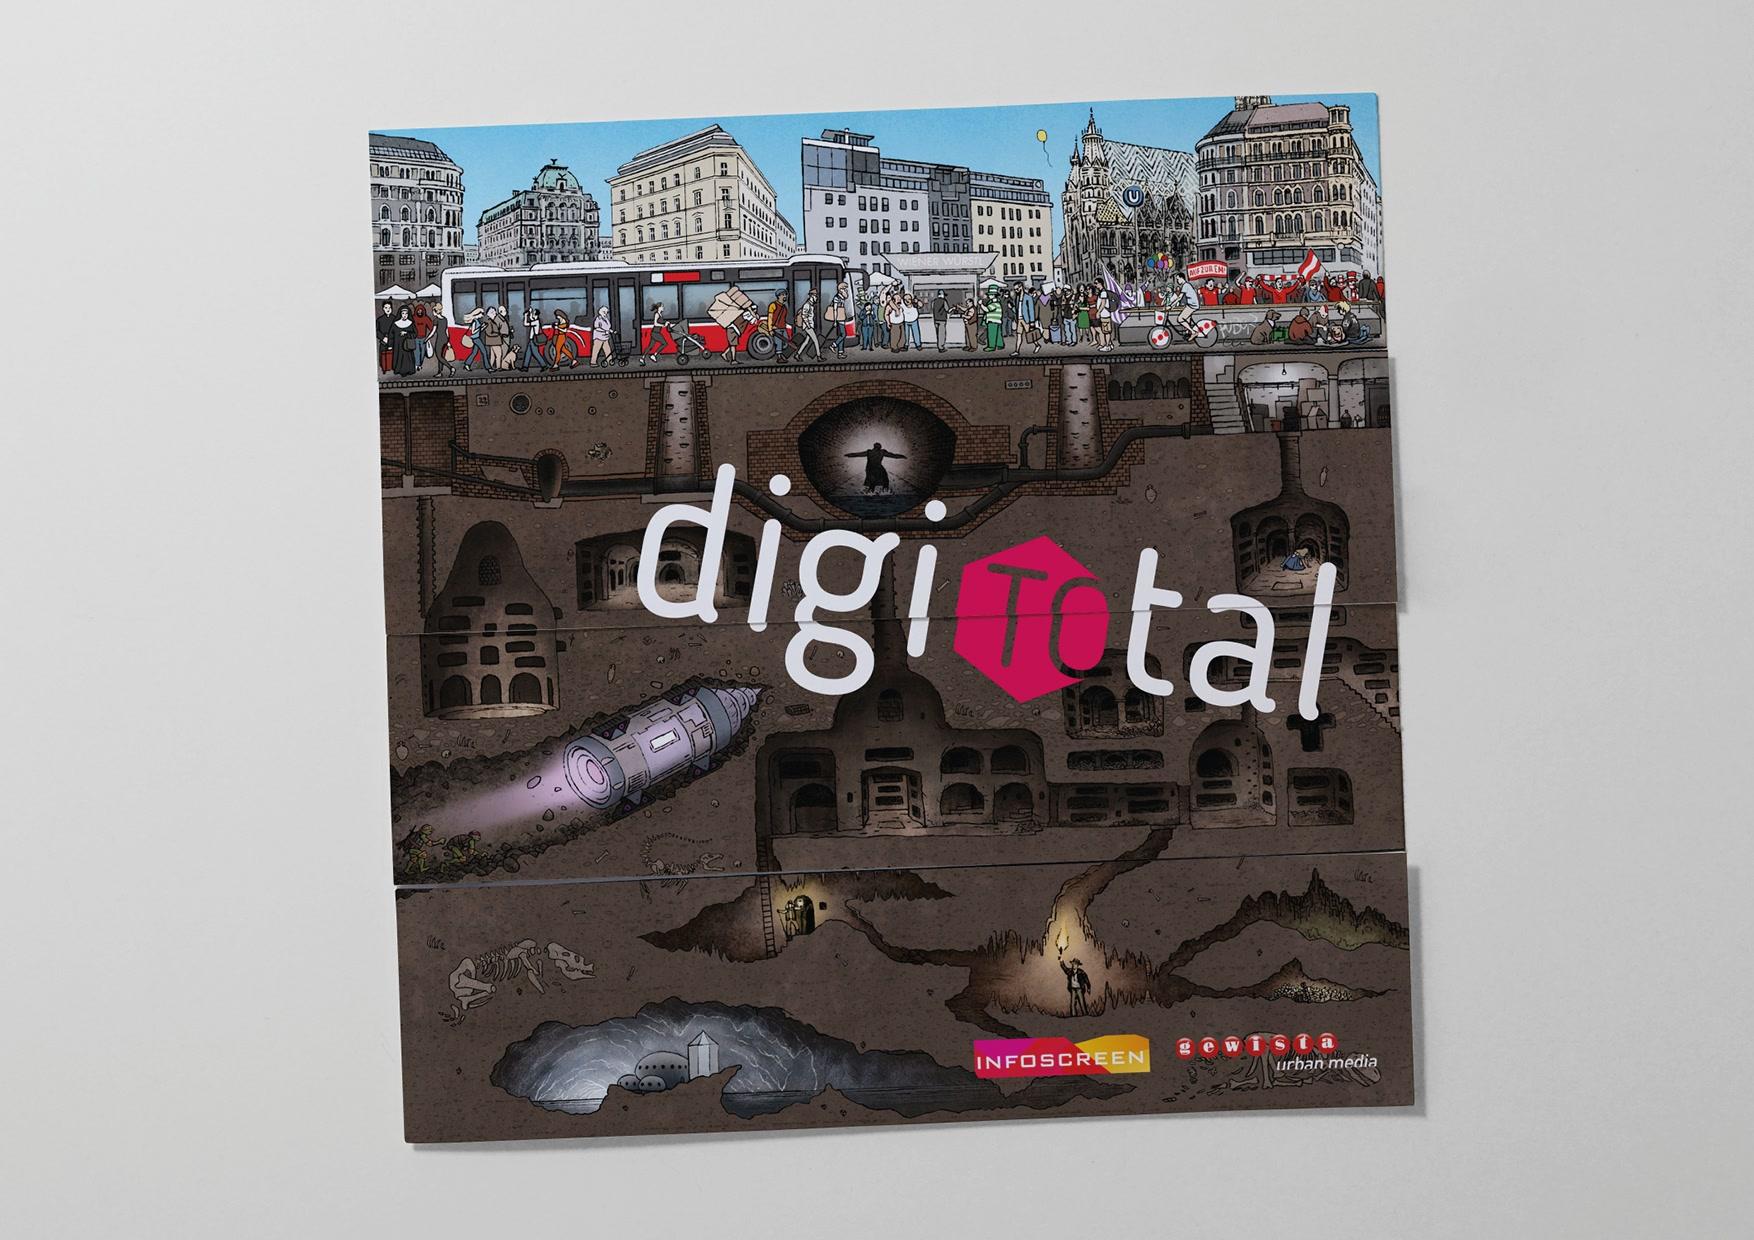 Digitale_Spielwiese-Projektdatei(1)